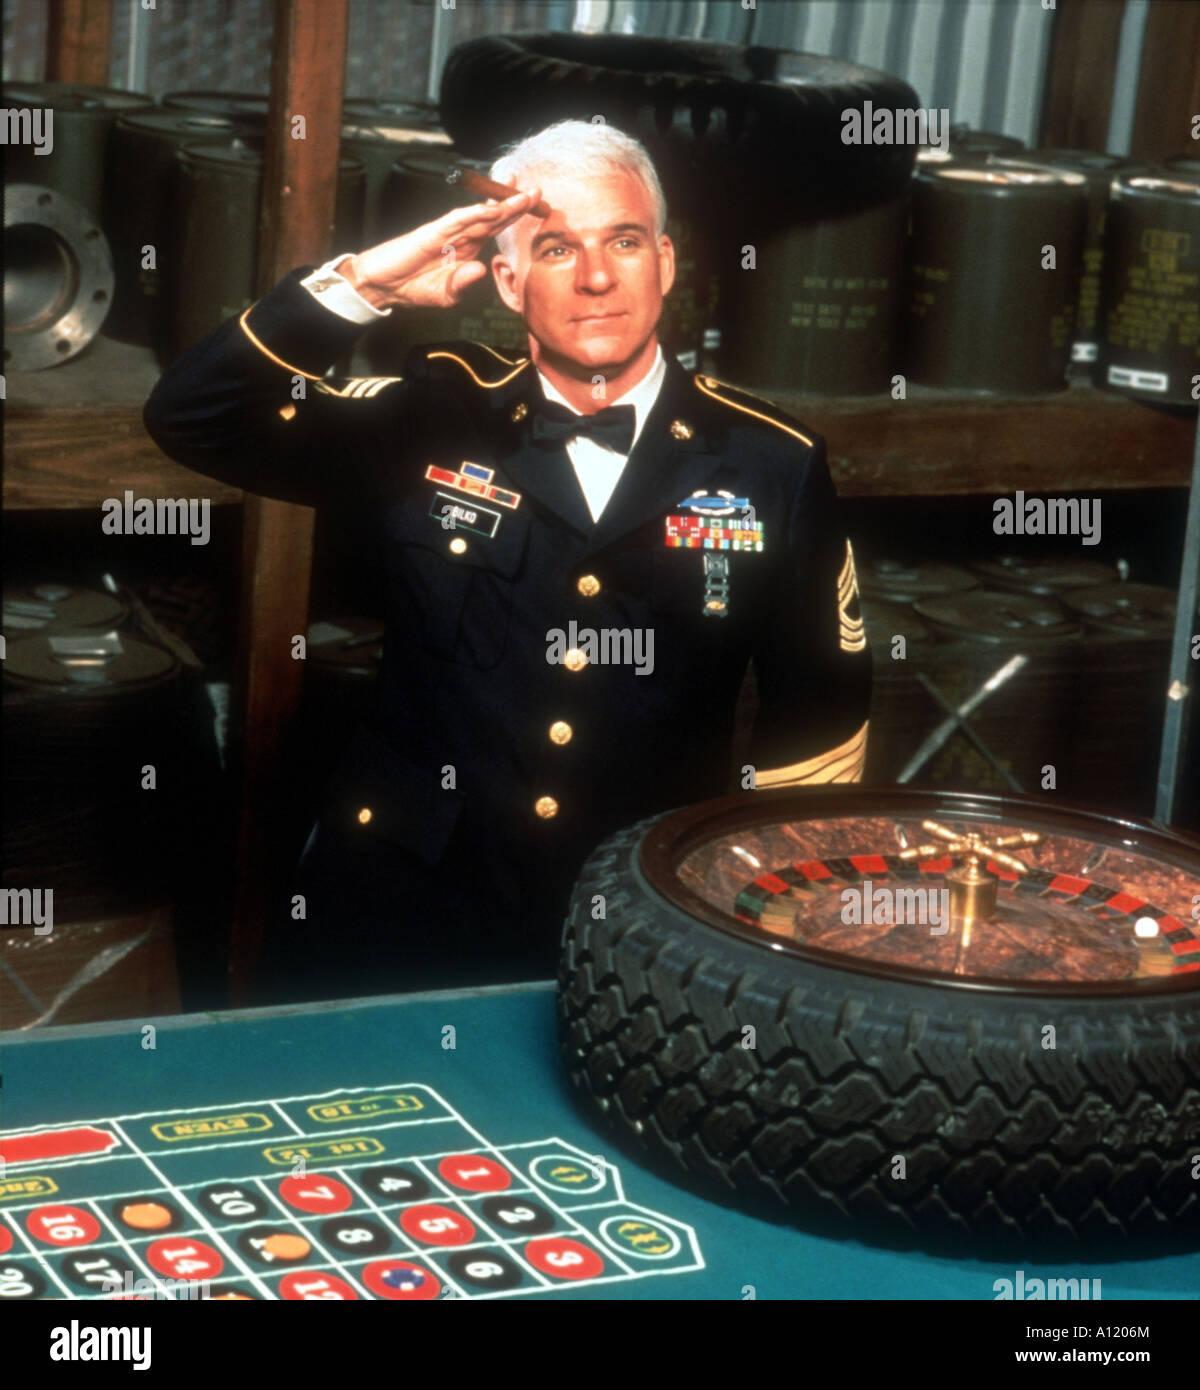 Sgt Bilko Year 1997 Director Johnathan Lynn Steve Martin - Stock Image